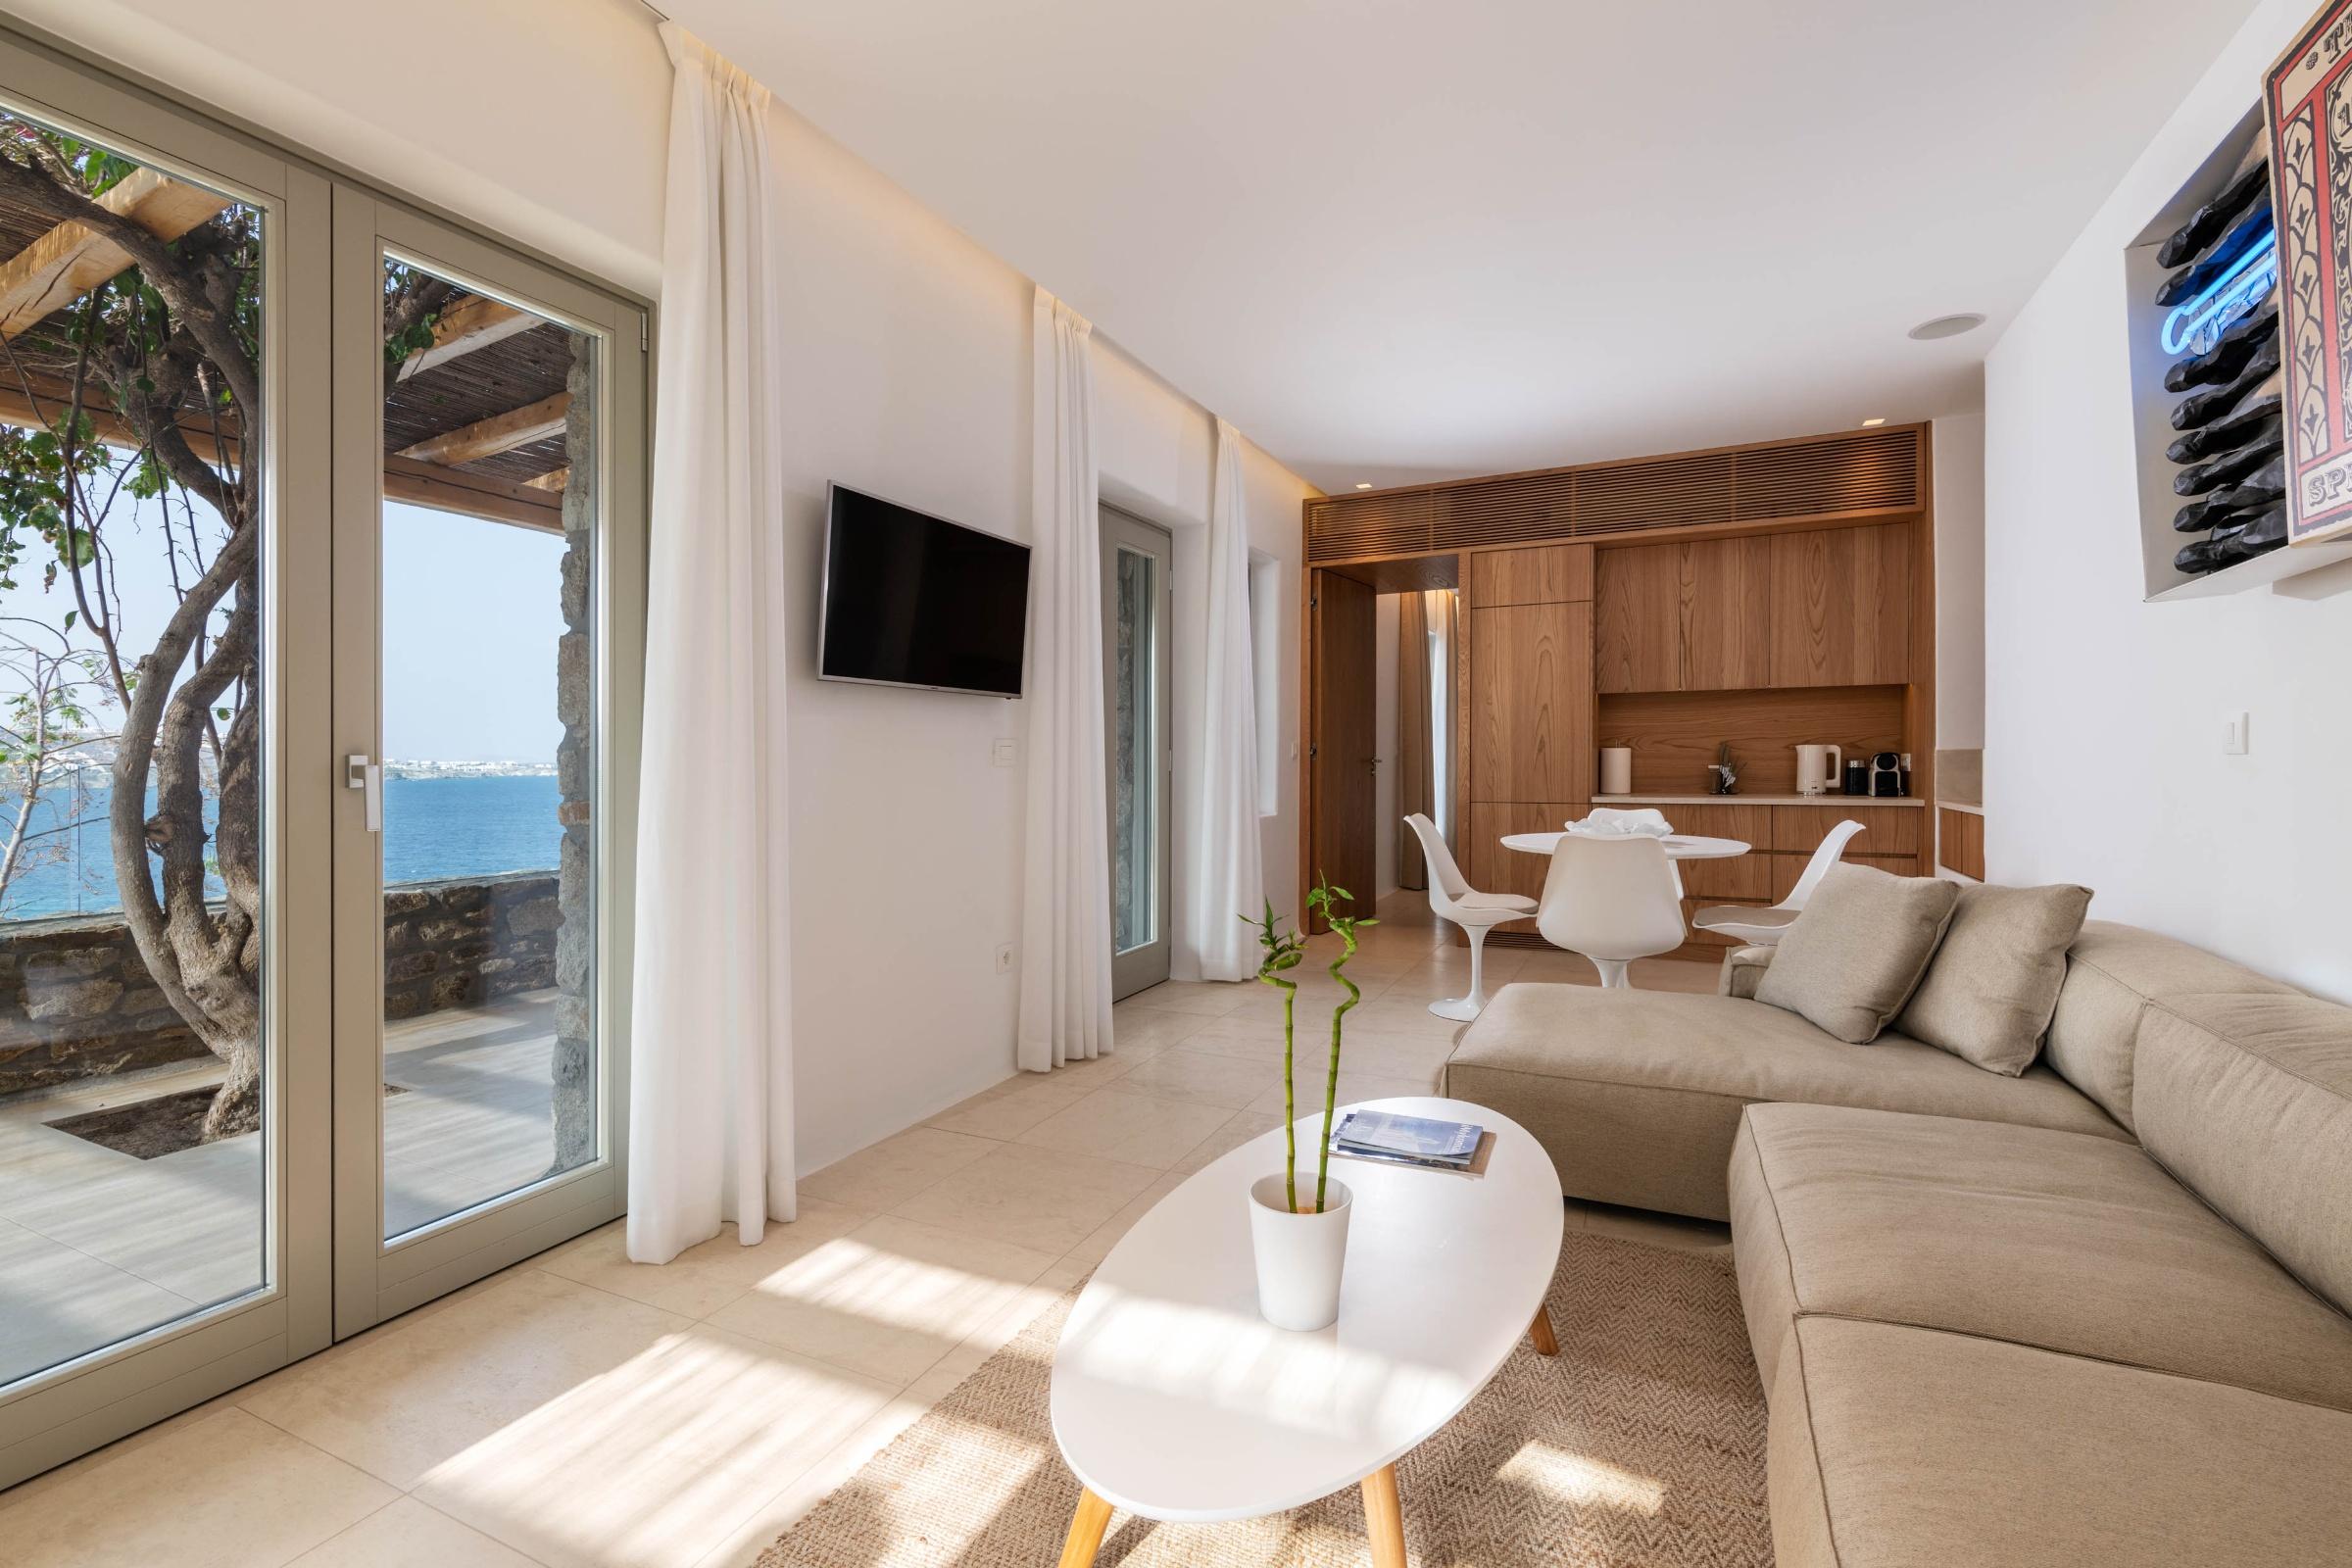 2 bedroom villa mykonos private pool